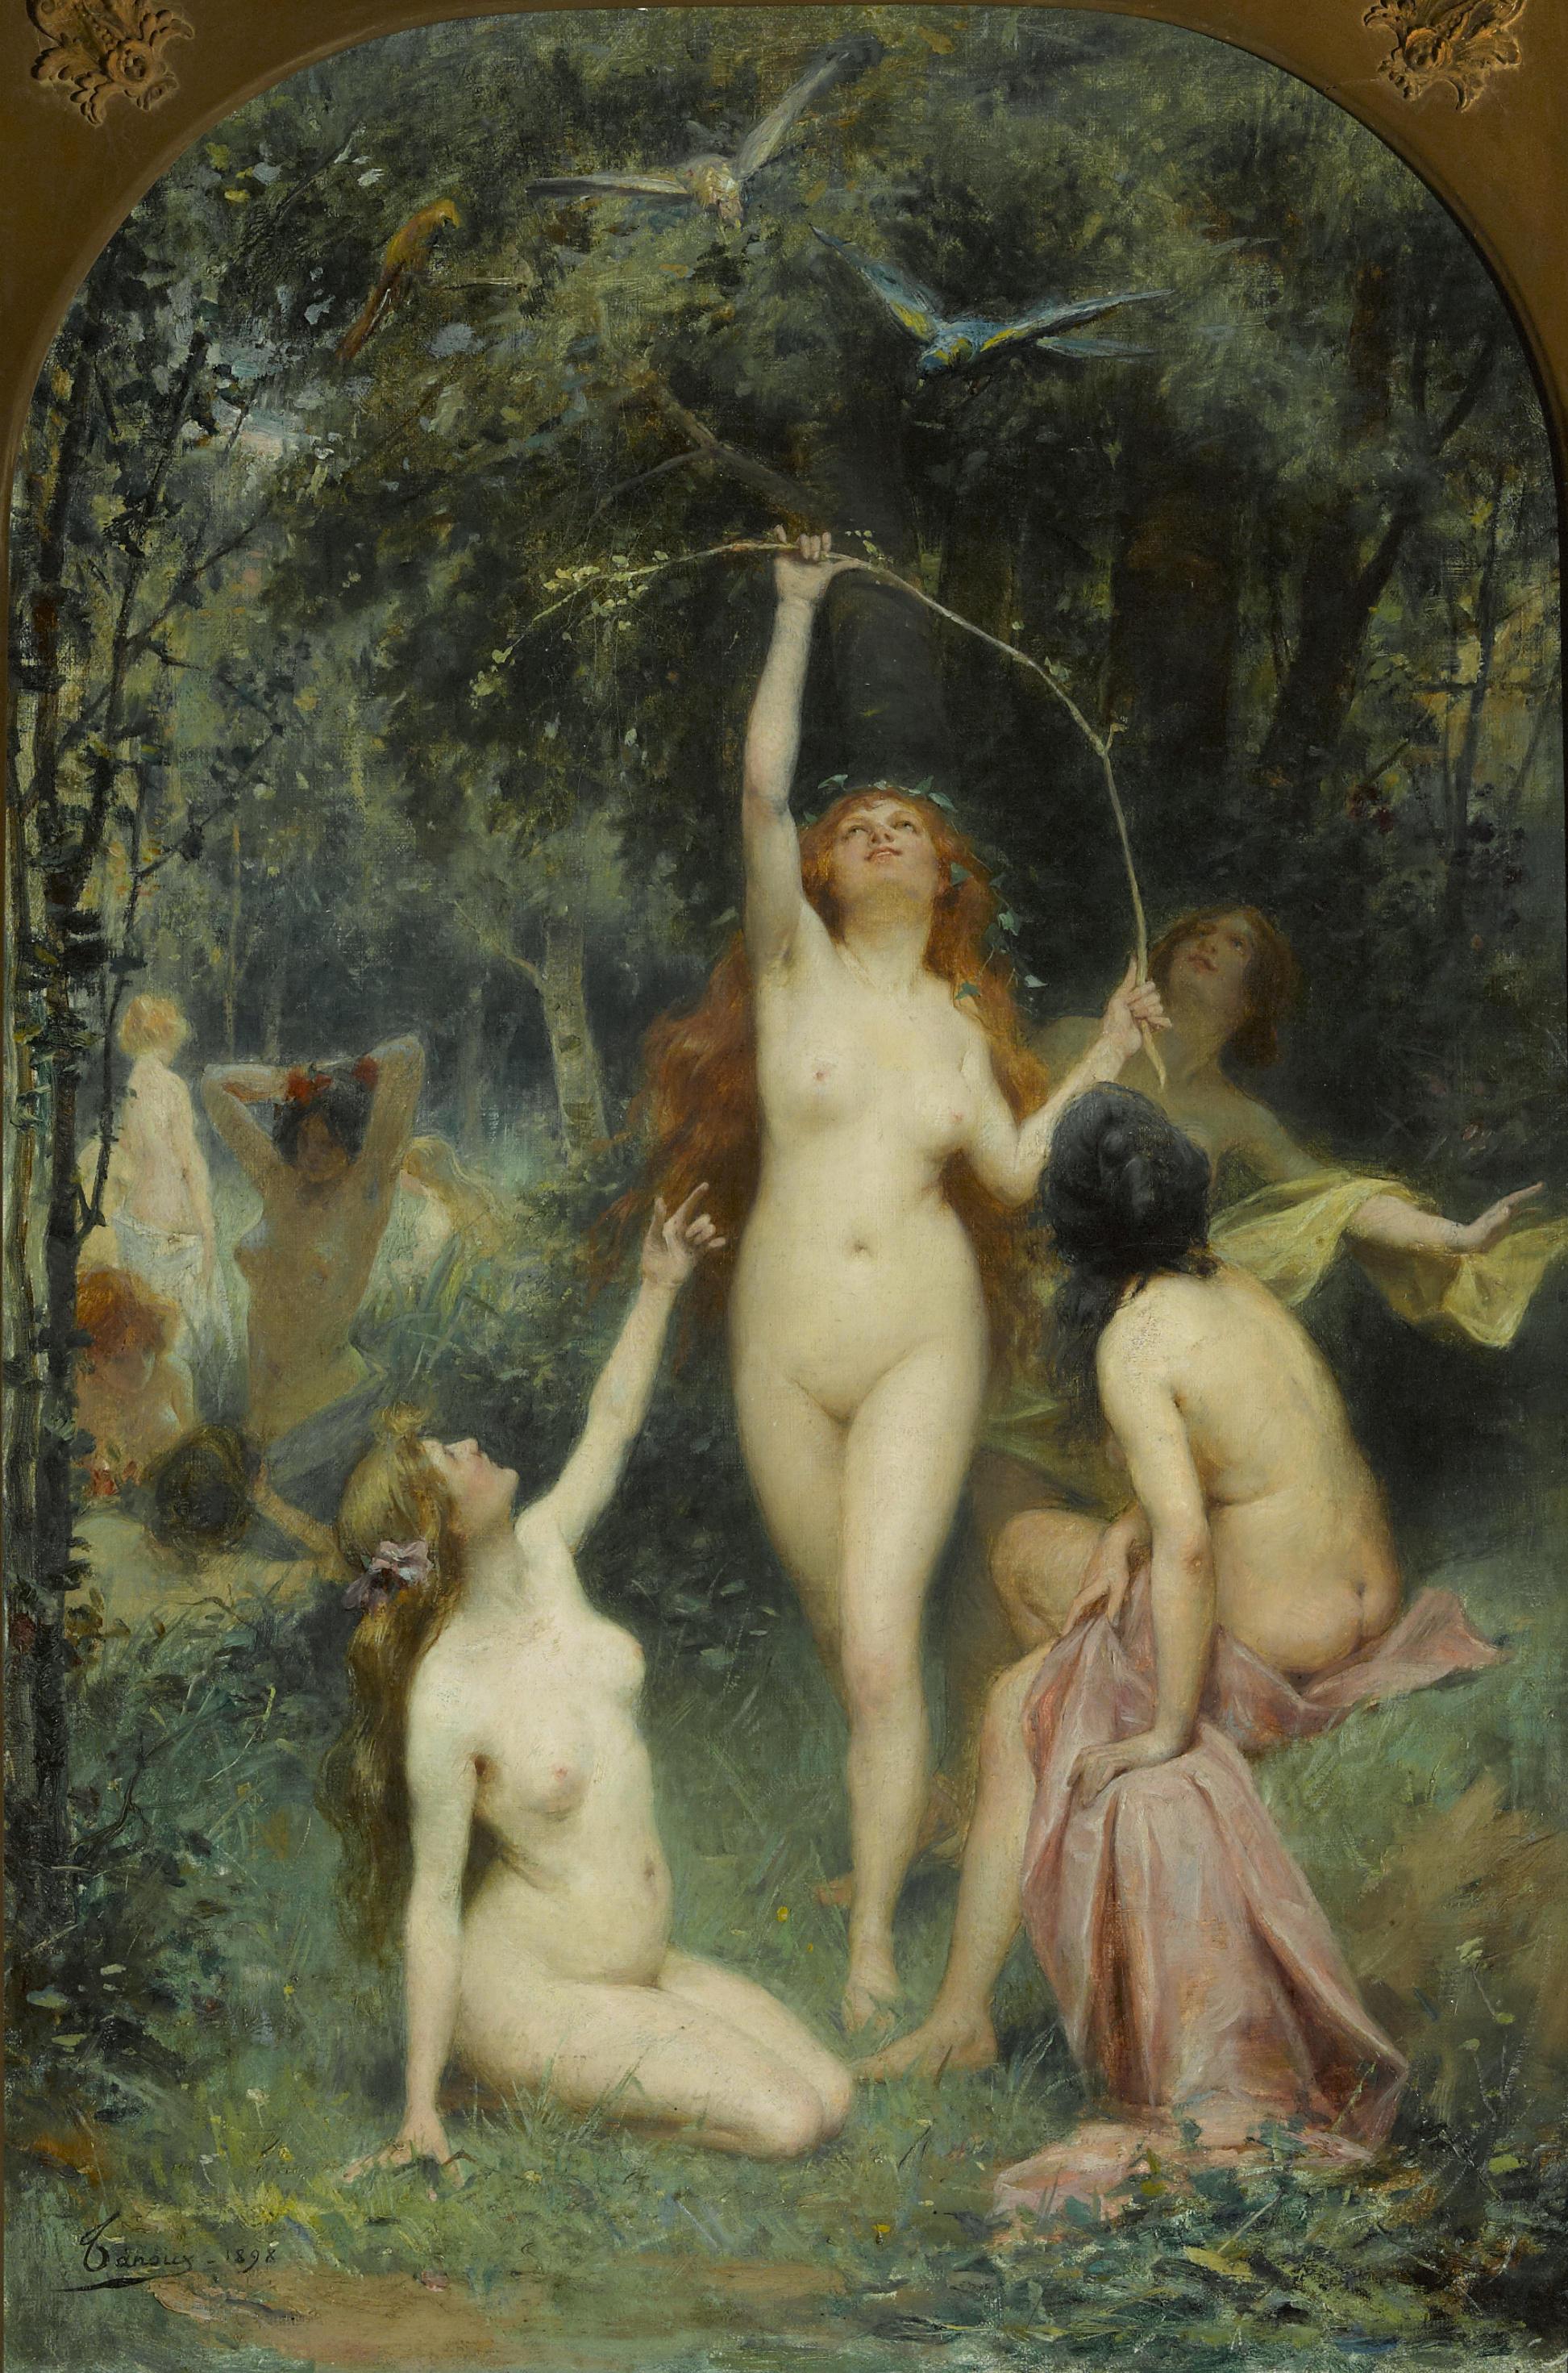 Adrien Henri Tanoux, 1865-1923.  Нимфы в лесу.  1898. 73 x 48.2 см. Частная коллекция